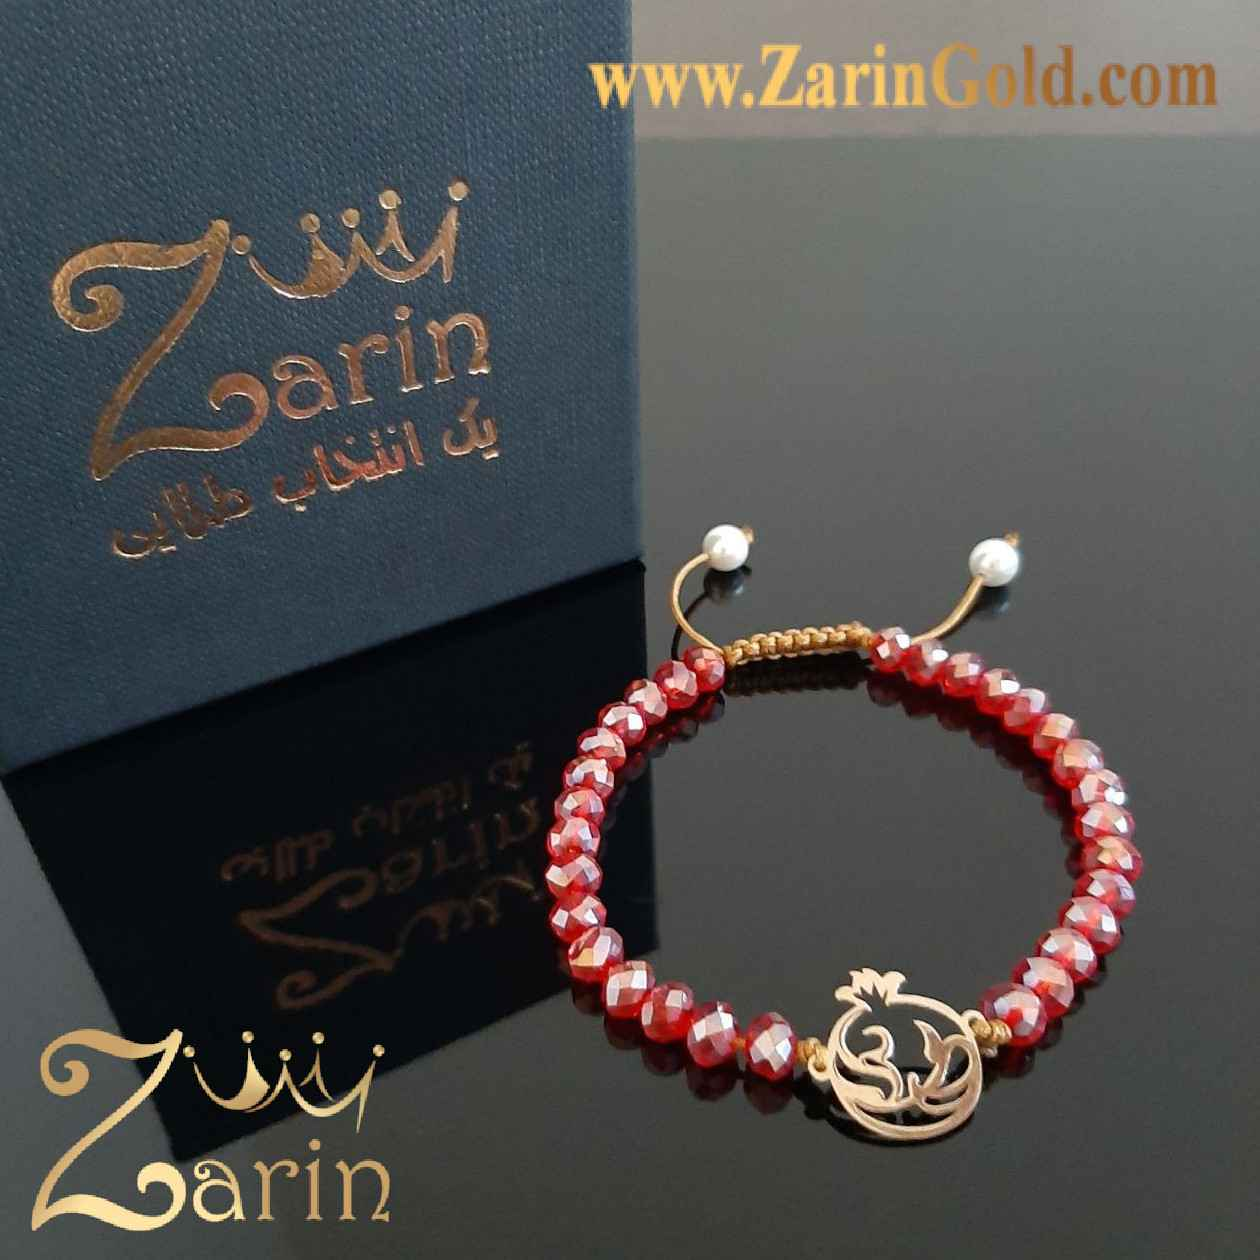 دستبند طلا مدل انار زرین با سنگ